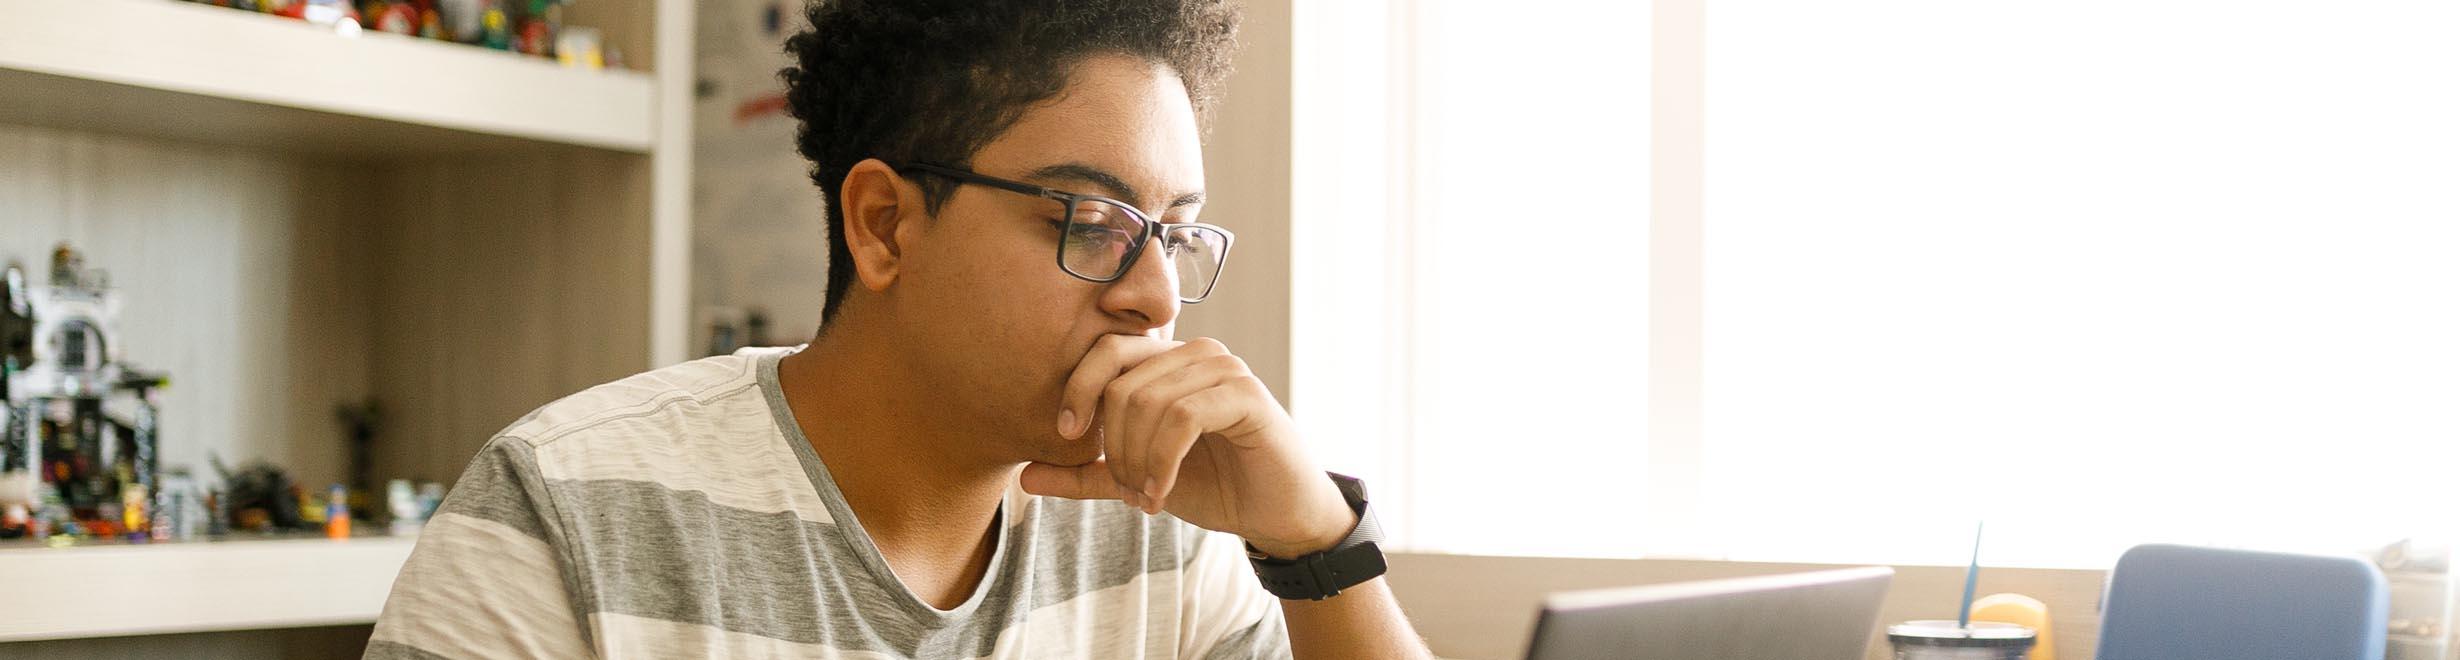 Questionnaire, Réflexions à propos de L'anxiété